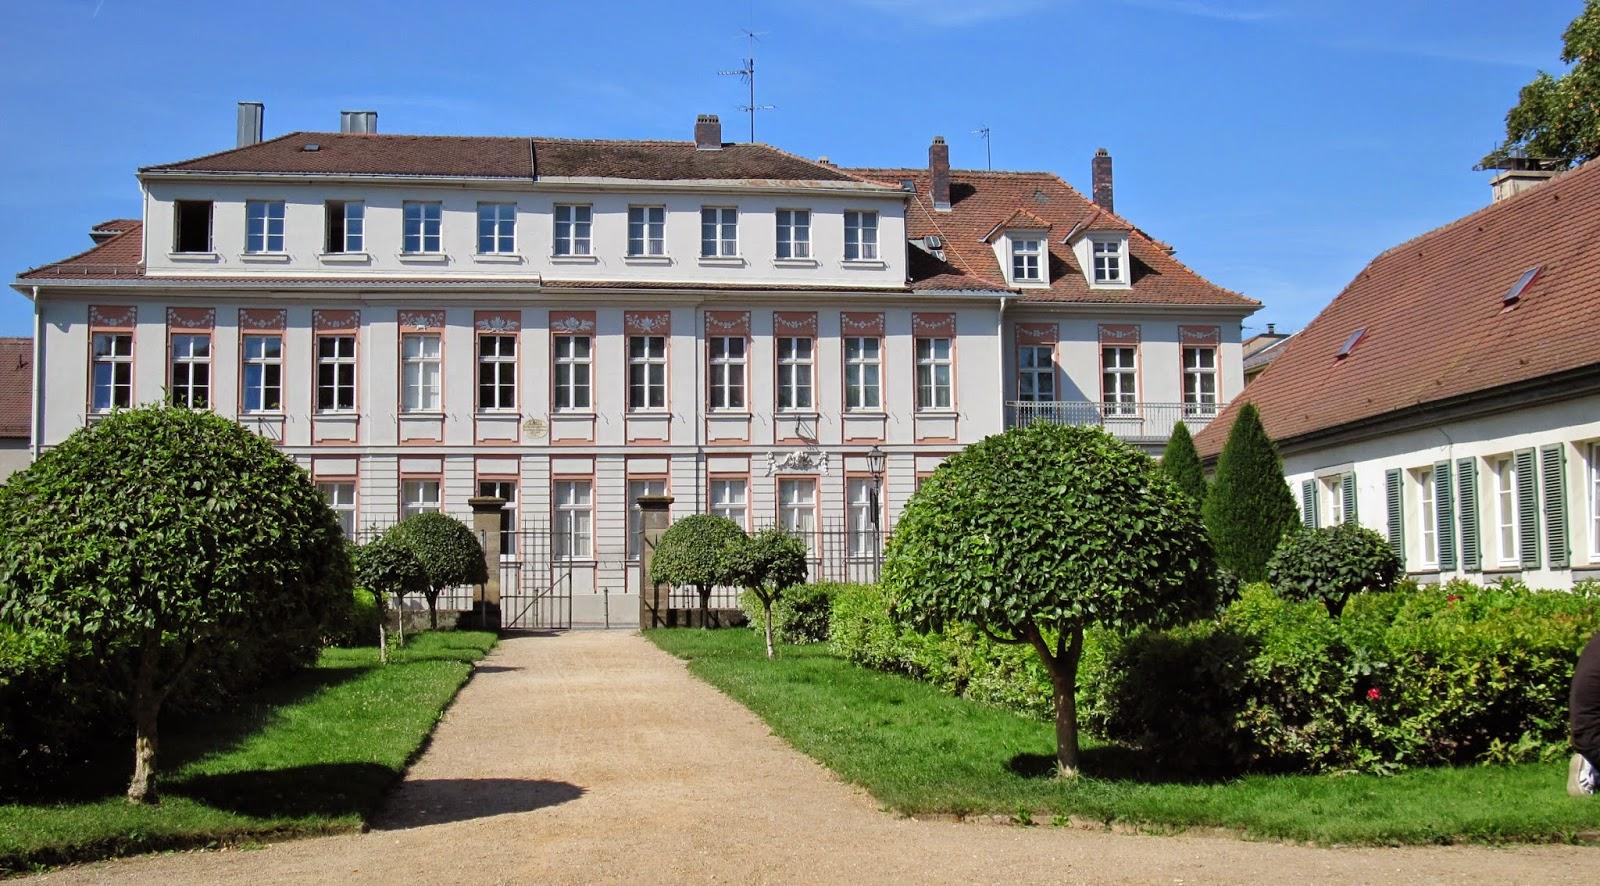 Rothenblog Das Haus Feuerbach in Ansbach